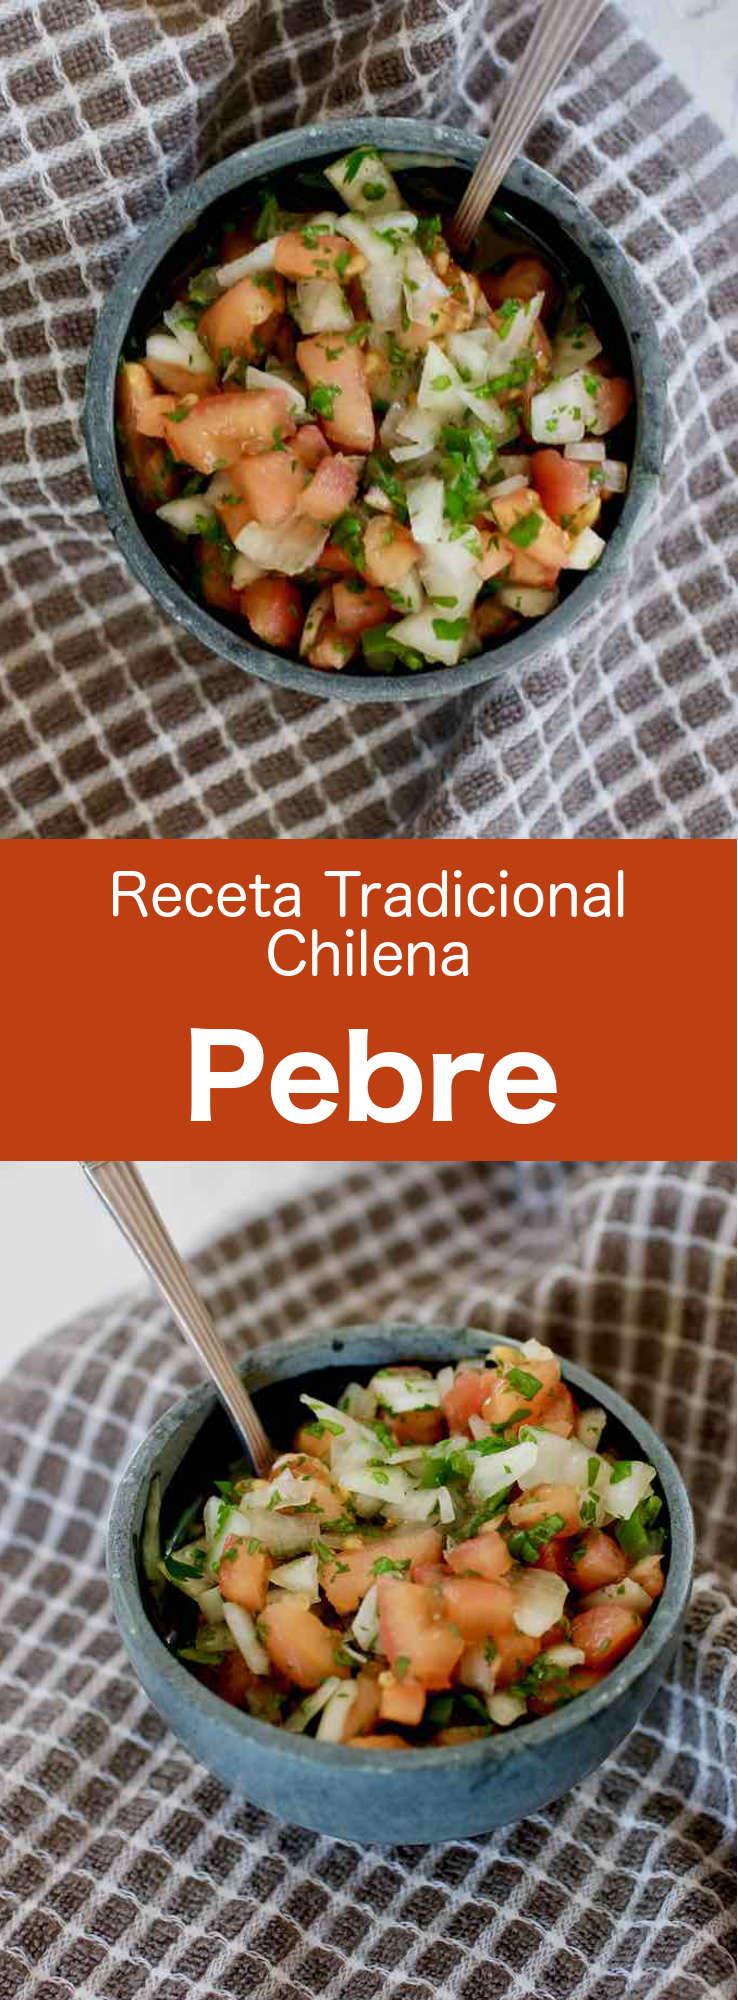 El pebre es un condimento chileno que se elabora con cilantro, cebolla, aceite de oliva, ajo, pasta de ají picante, tomates y pimientos verdes.